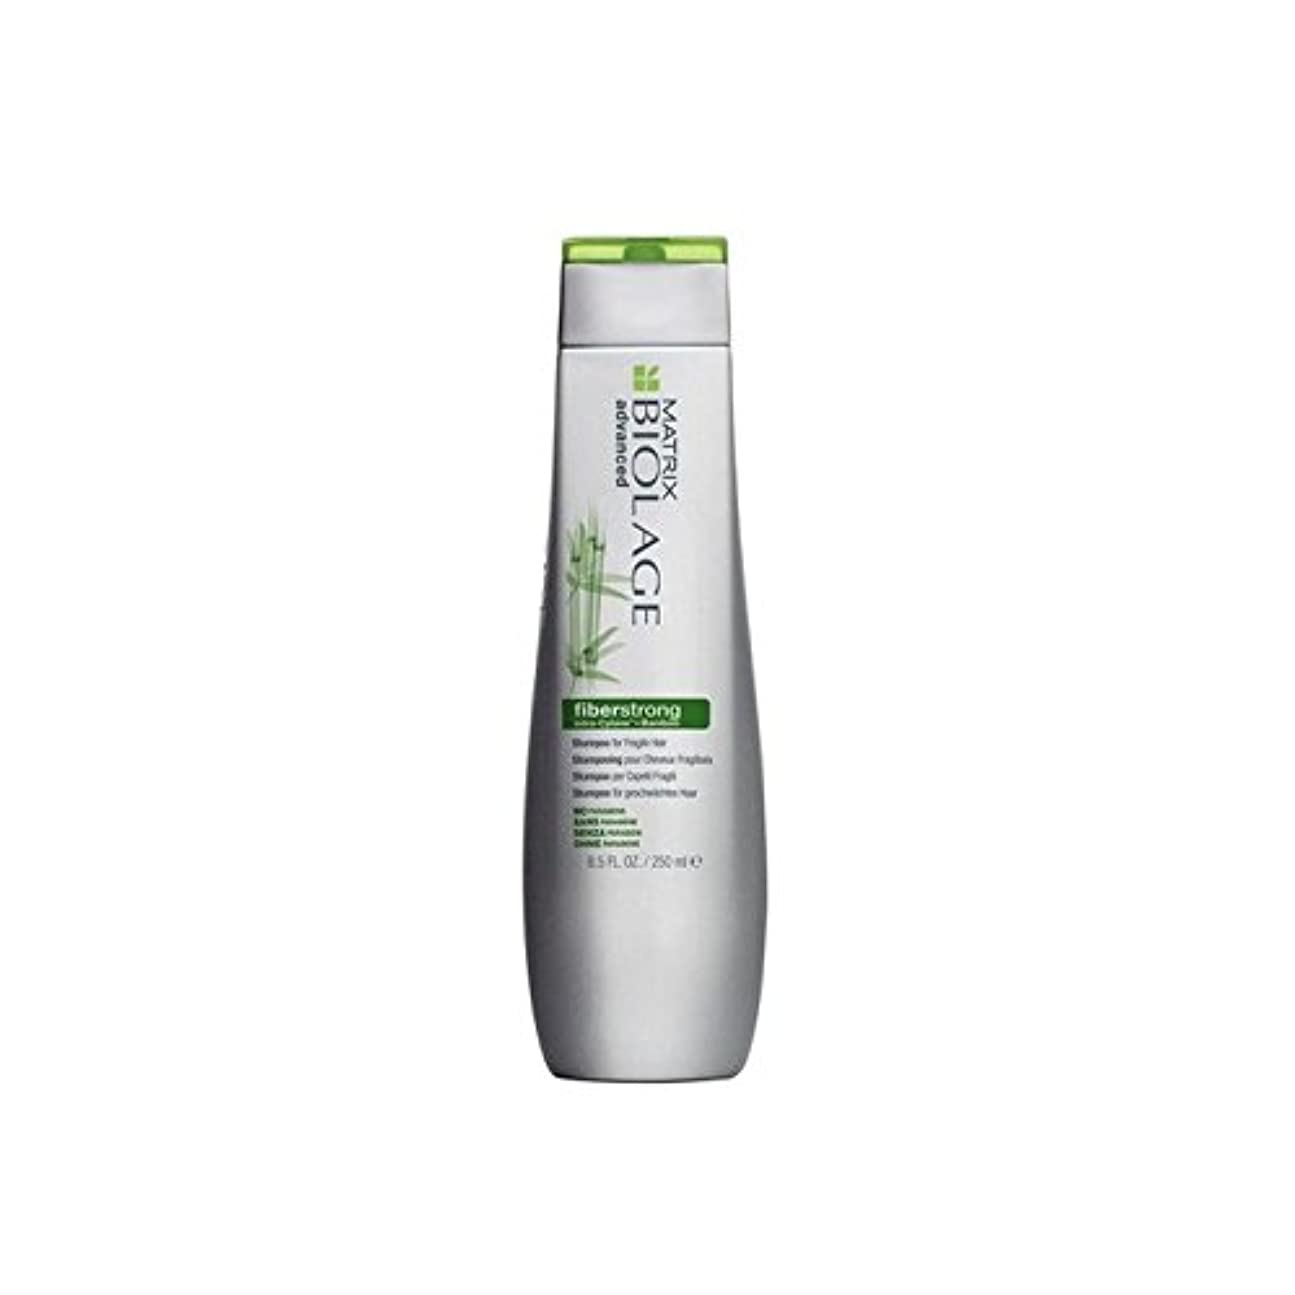 憂慮すべき先祖海峡マトリックスバイオレイジのシャンプー(250ミリリットル) x2 - Matrix Biolage Fiberstrong Shampoo (250ml) (Pack of 2) [並行輸入品]